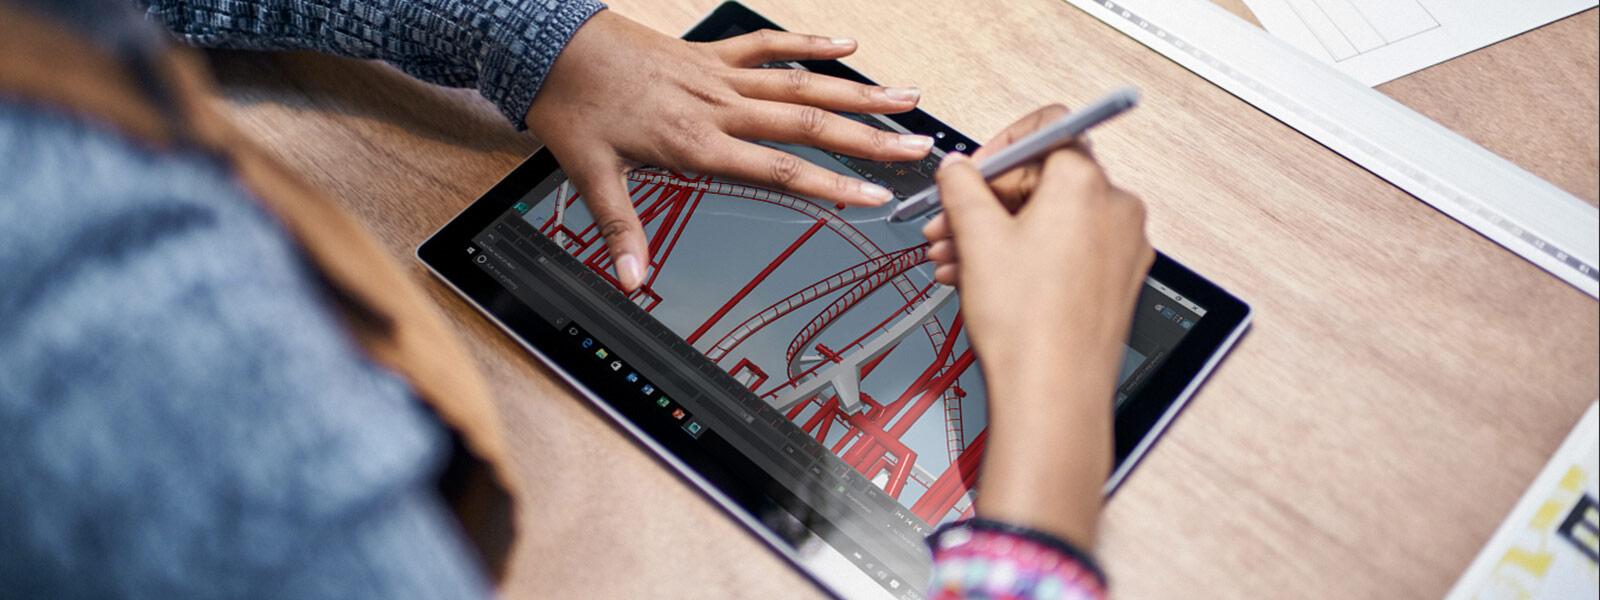 Frau zeichnet mit Surface Pen auf Surface-Bildschirm.